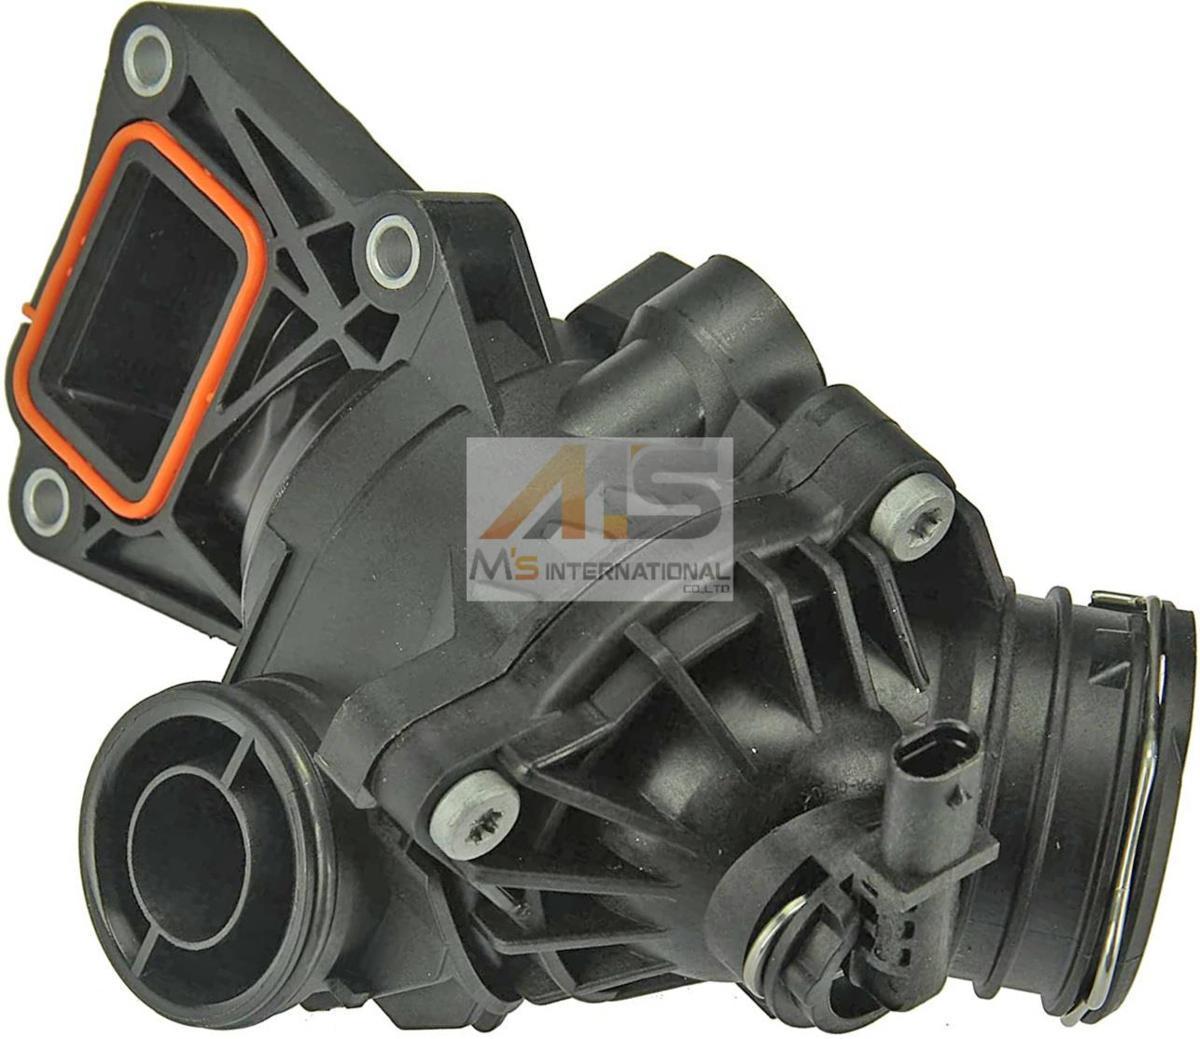 【M's】W221 W222 Sクラス / R231 SLクラス V6用 (M276) 優良社外品 サーモスタット // ベンツ S350 S400h SL350 2762000515 2762000115_画像1